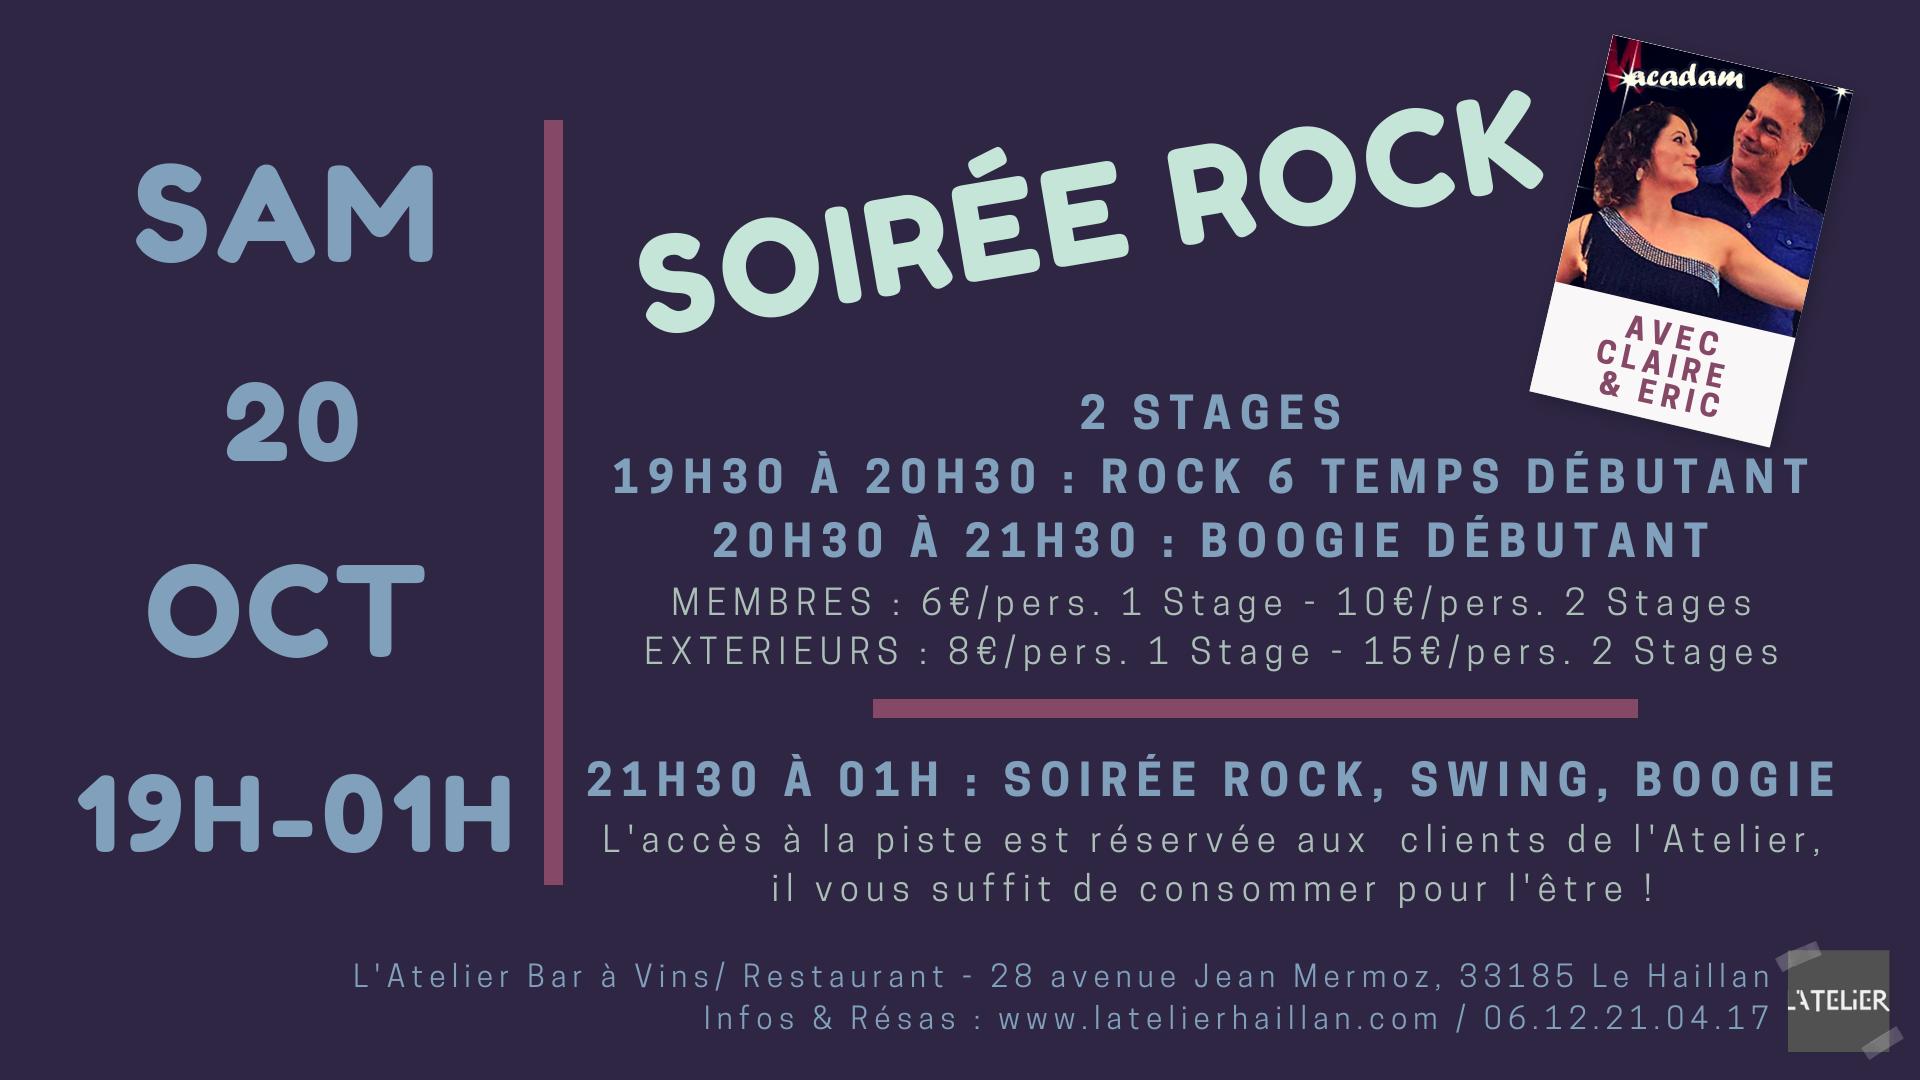 Soirée Rock avec Claire & Eric - 2 Stages Débutants